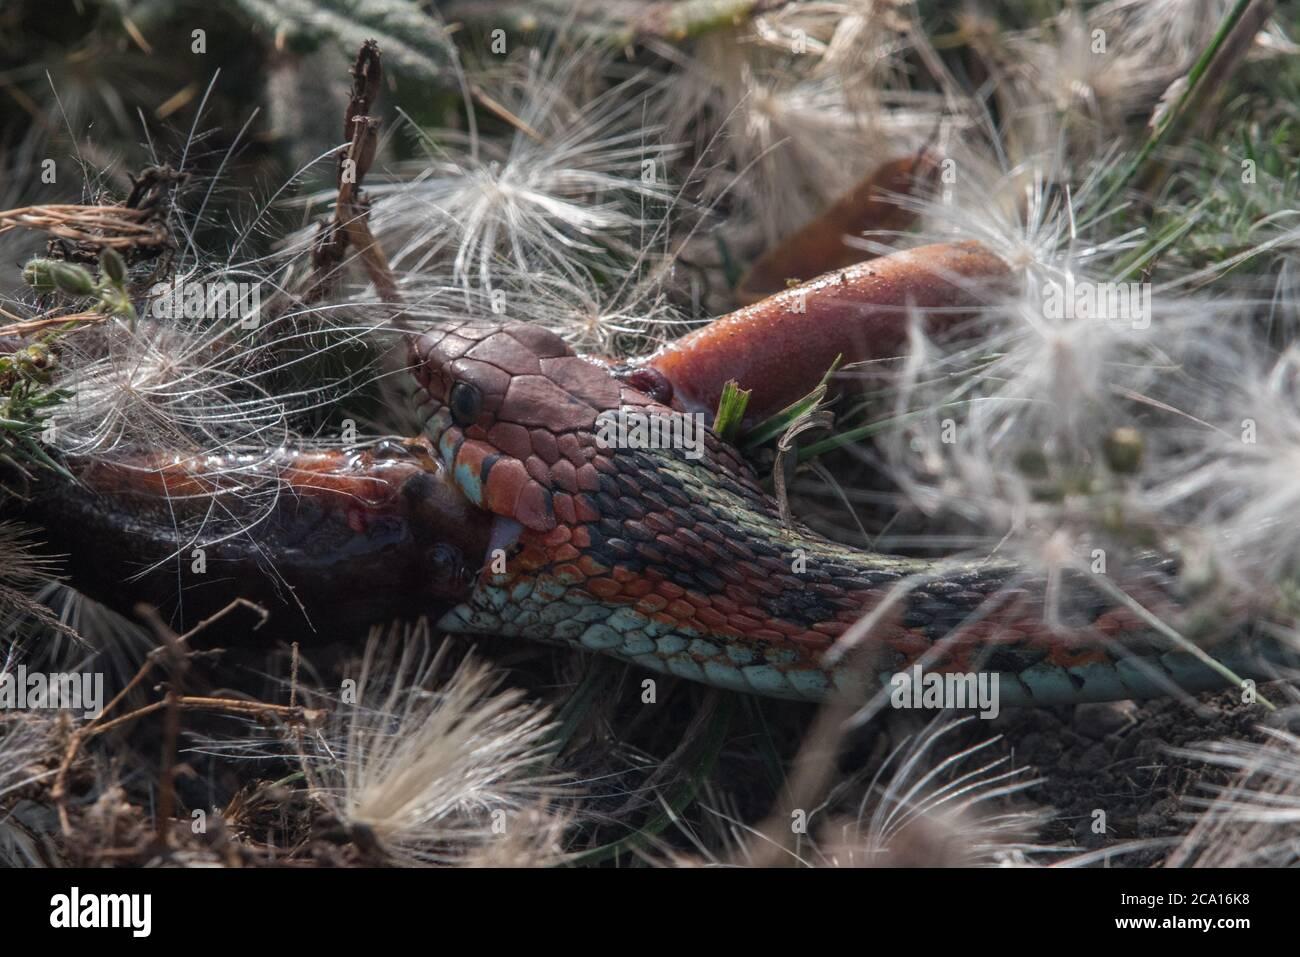 Una serpiente de cola roja de california (Thamnophis sirtalis infernalis) comiendo un newt (Taricha torosa), 1 de los pocos depredadores que pueden manejar las toxinas del newt. Foto de stock